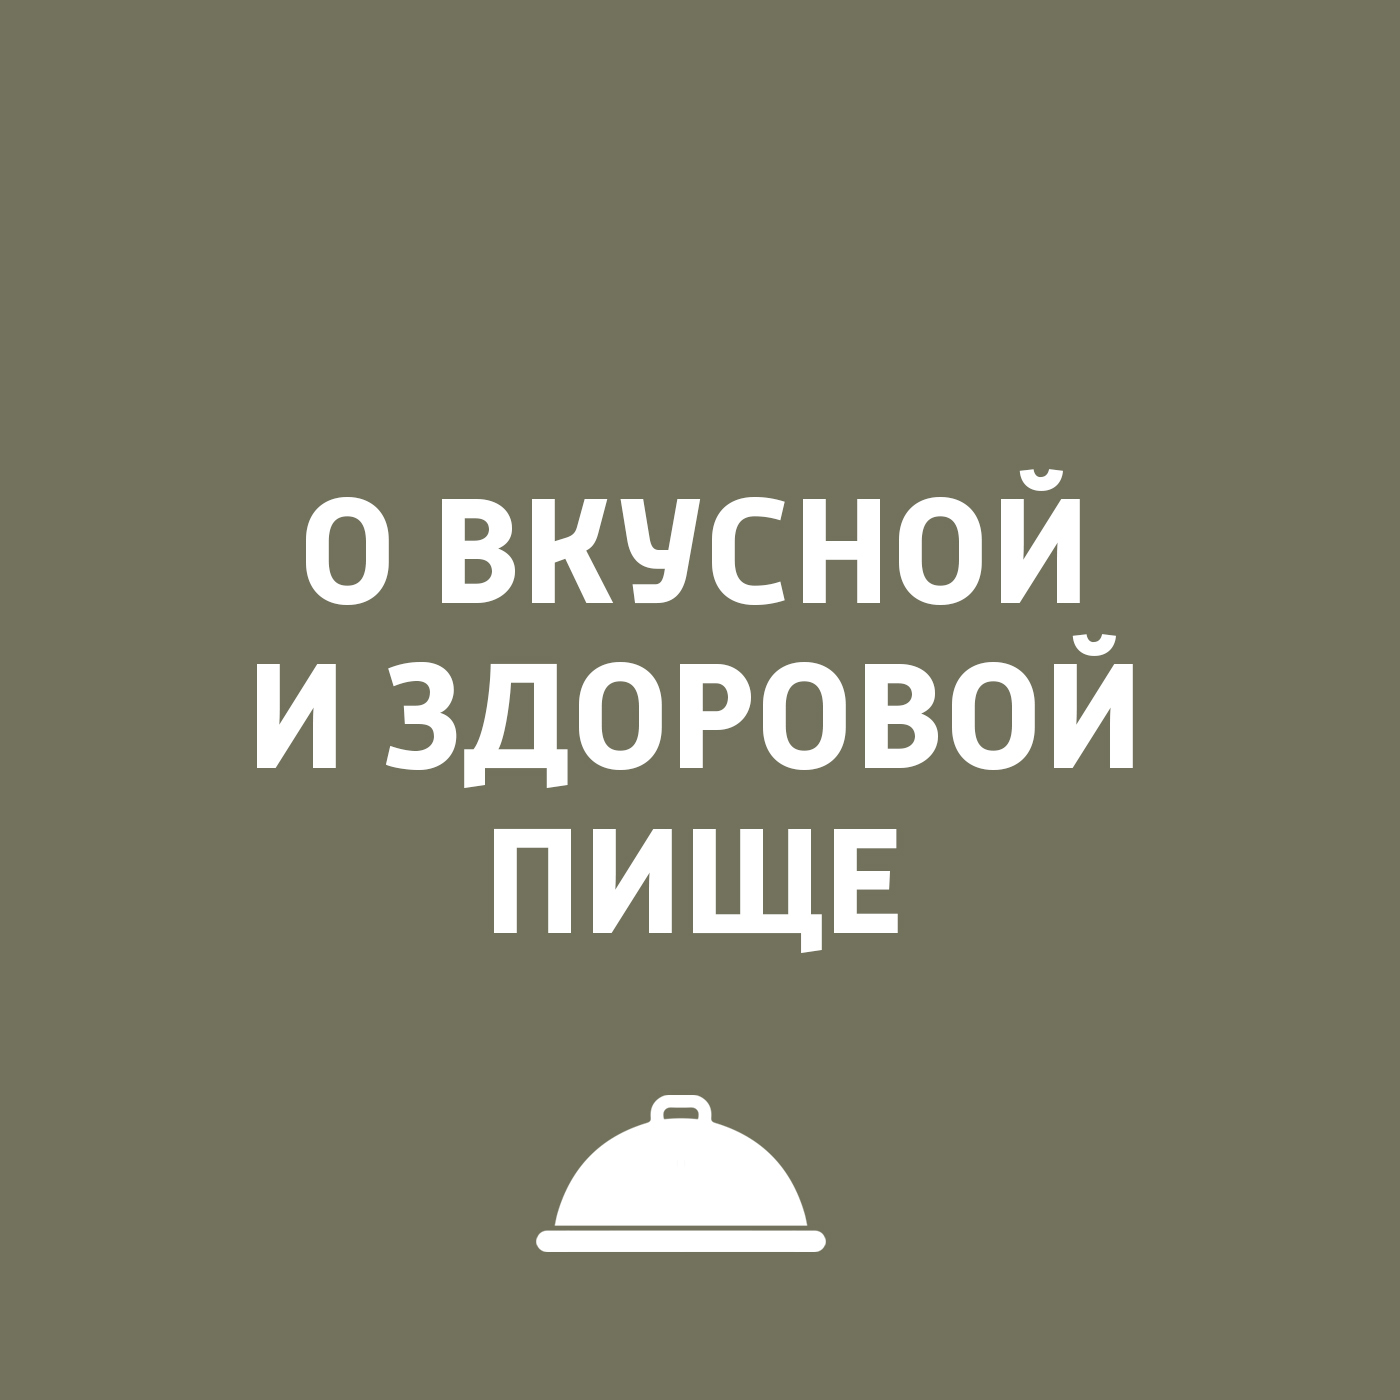 О фестивале \